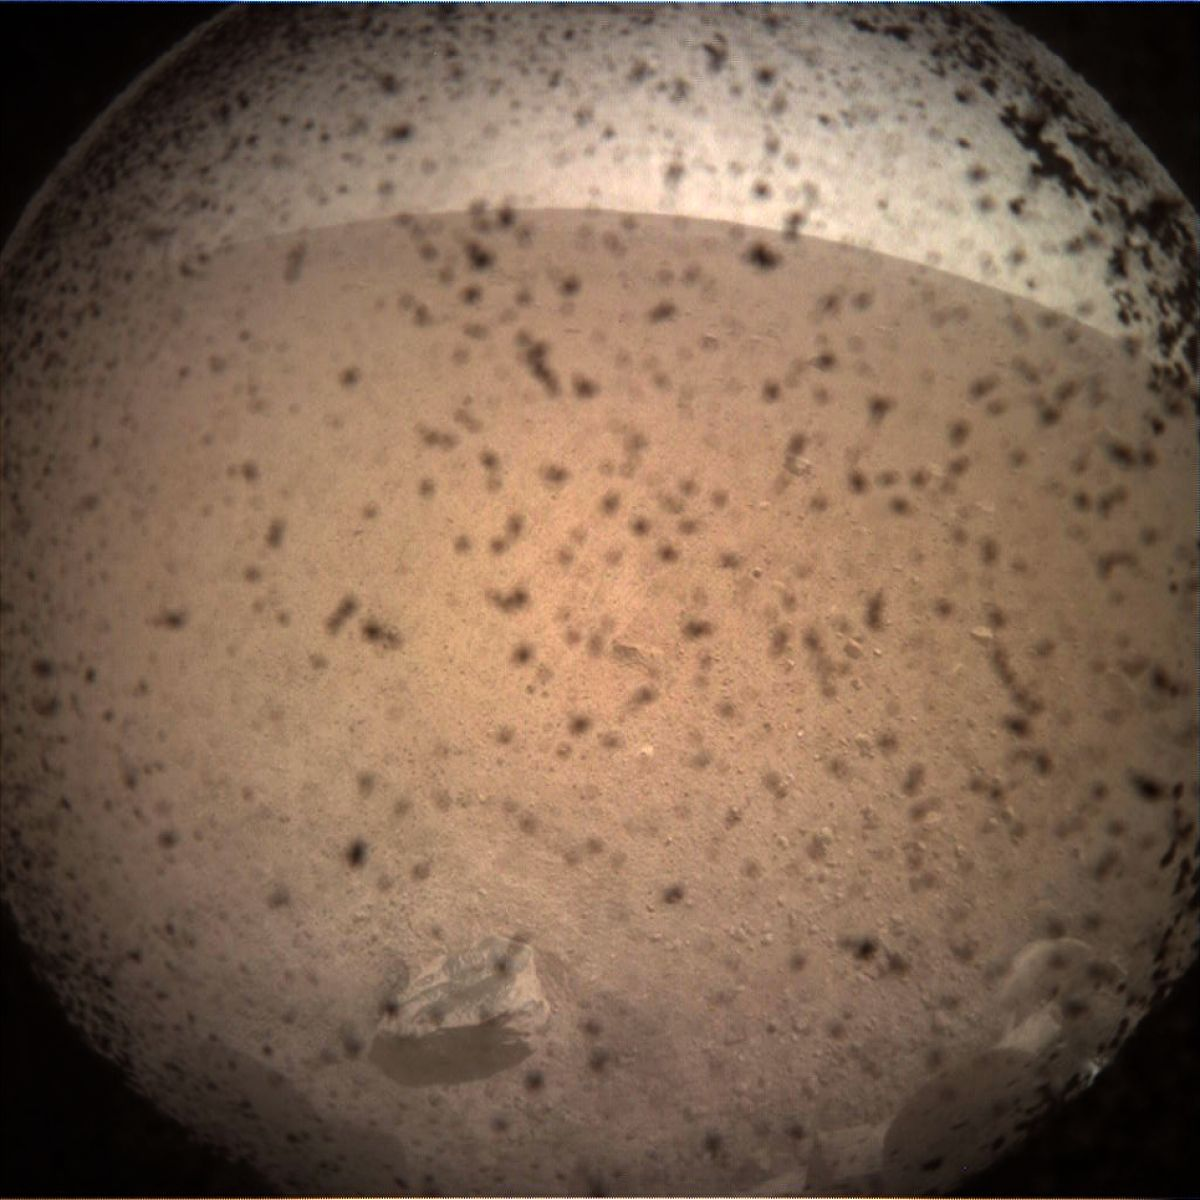 Аппарат NASA InSight отправил первый фотоснимок Марса